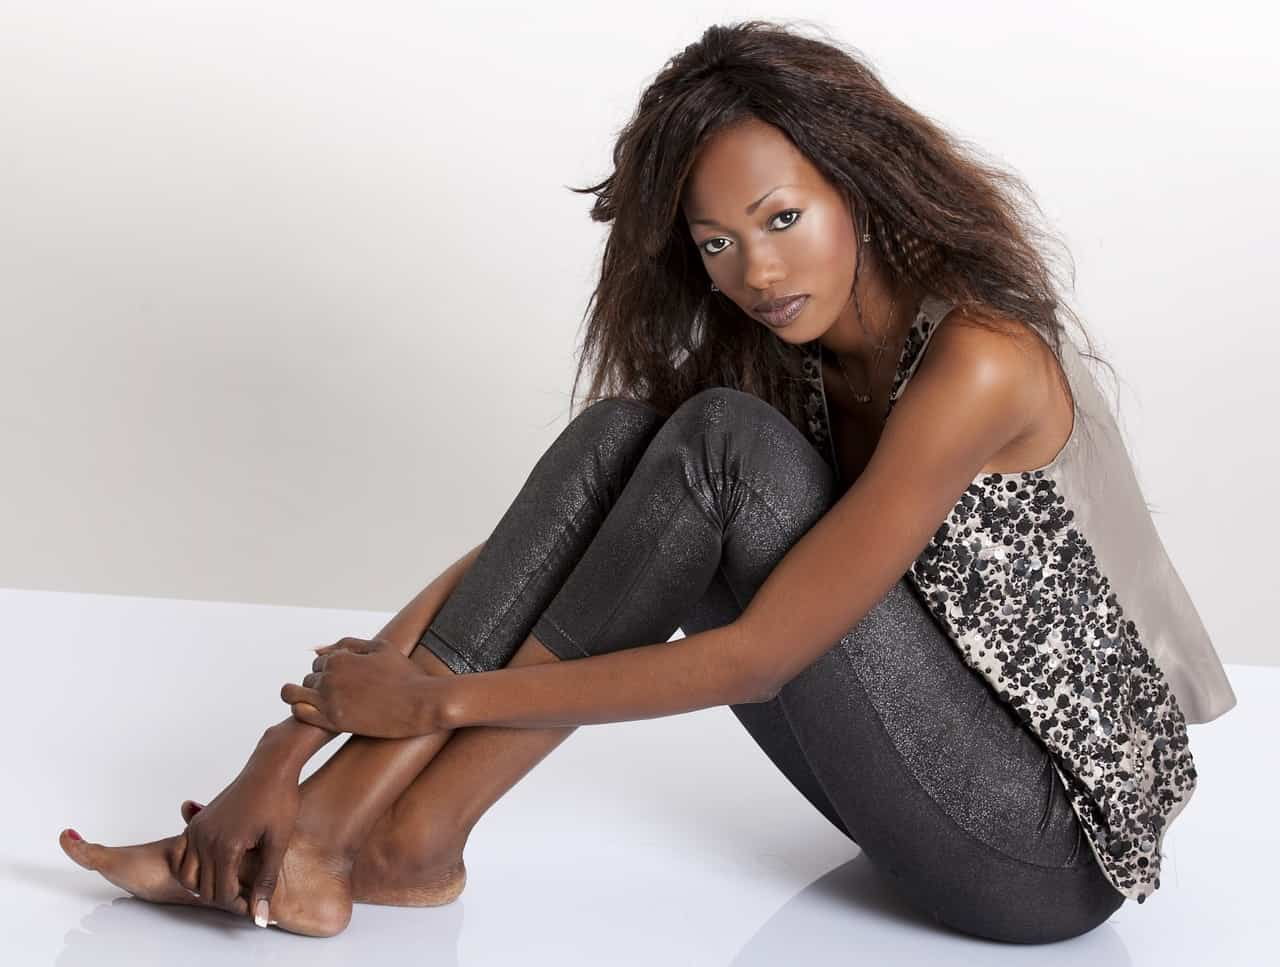 אישה שחורה